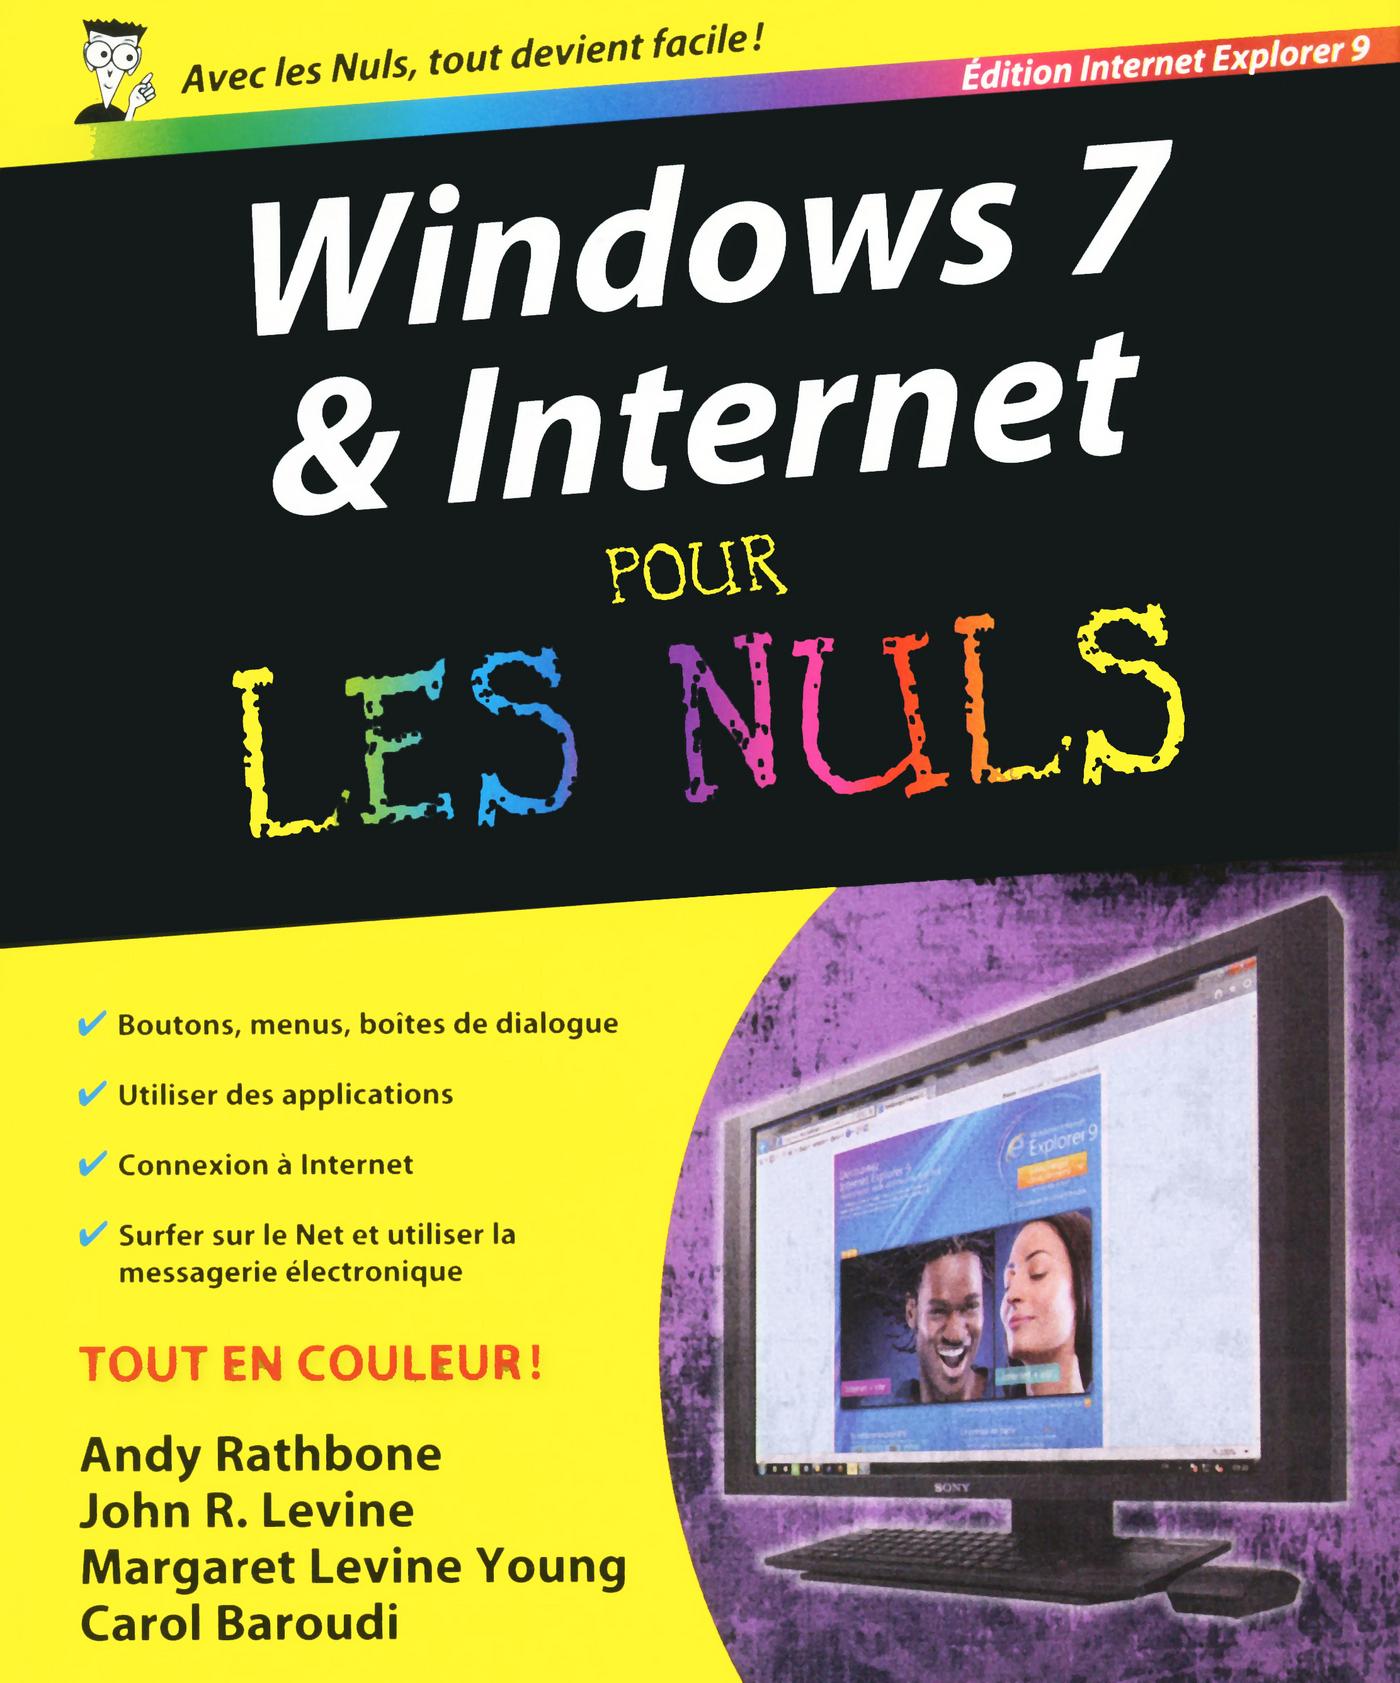 Windows 7 et Internet Explorer 9 Pour les Nuls